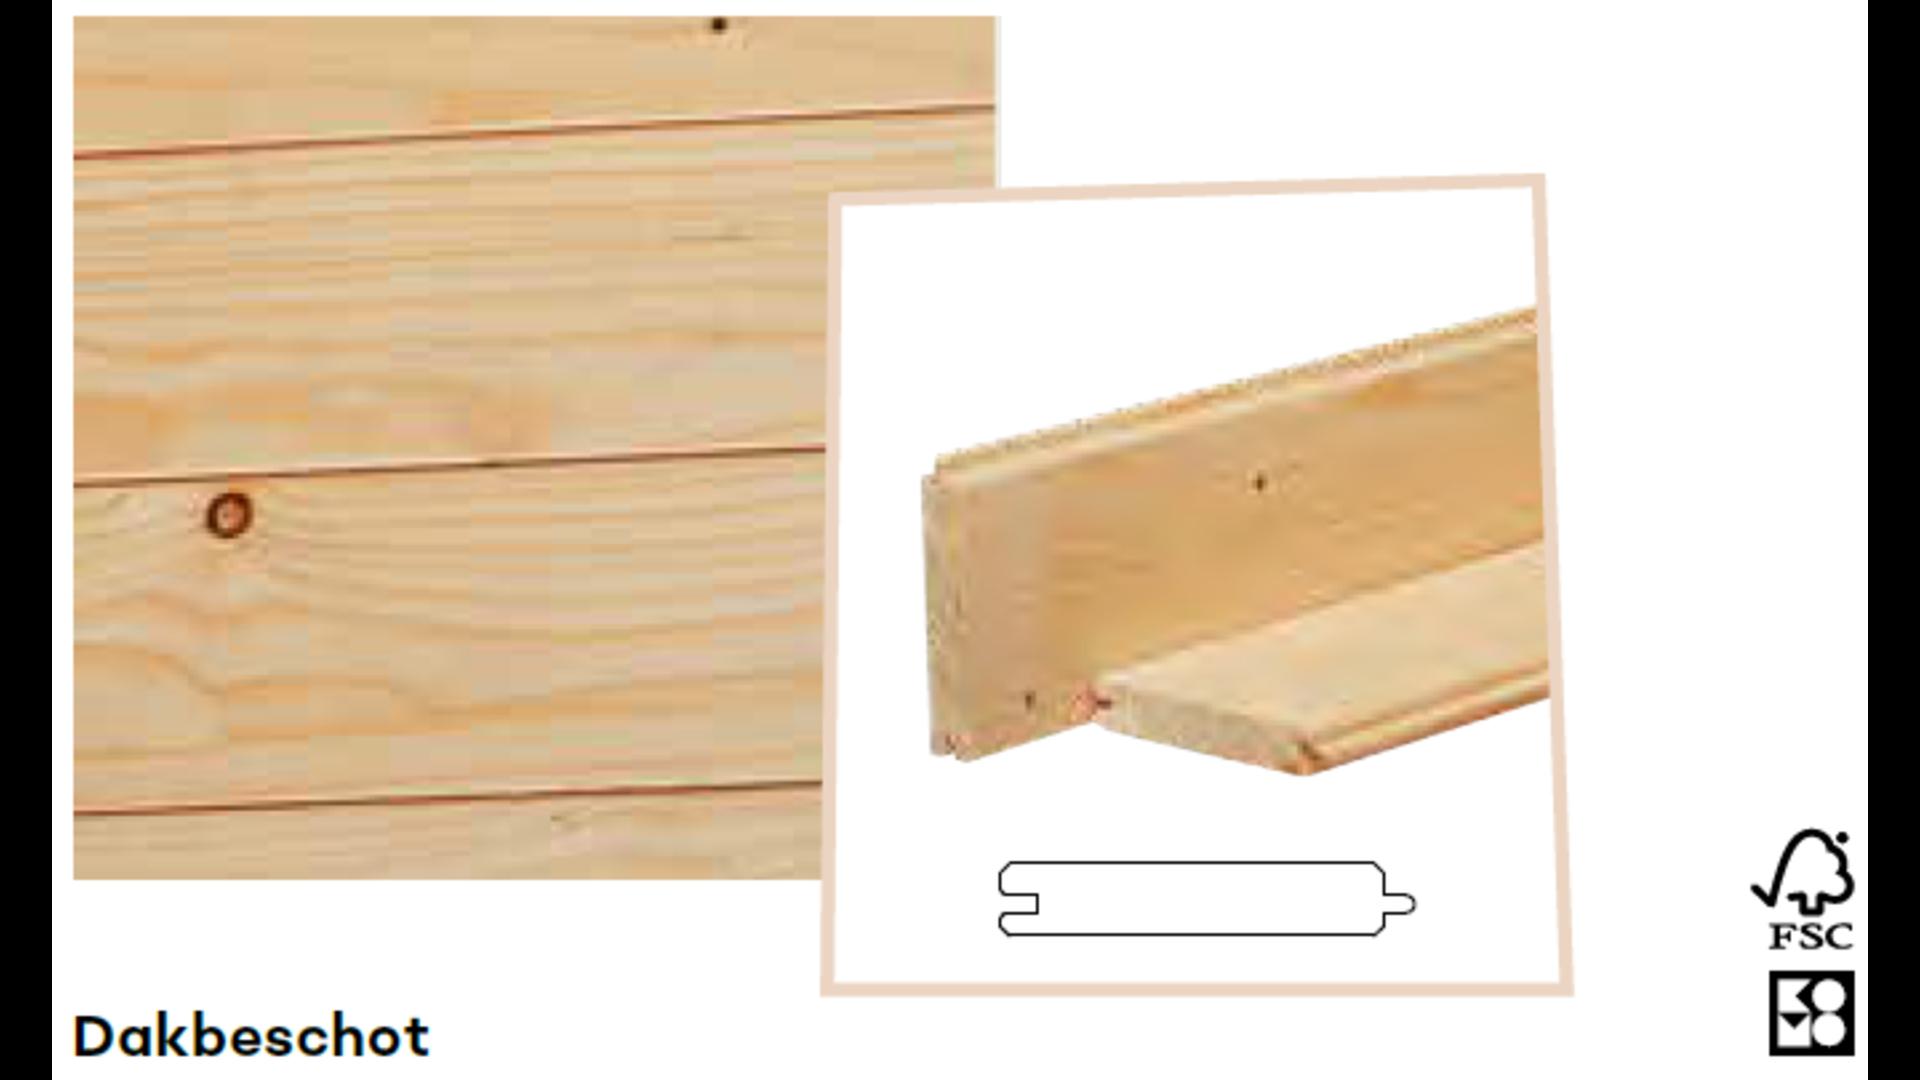 Vuren dakbeschot onbehandeld 1.6x9.5 cm